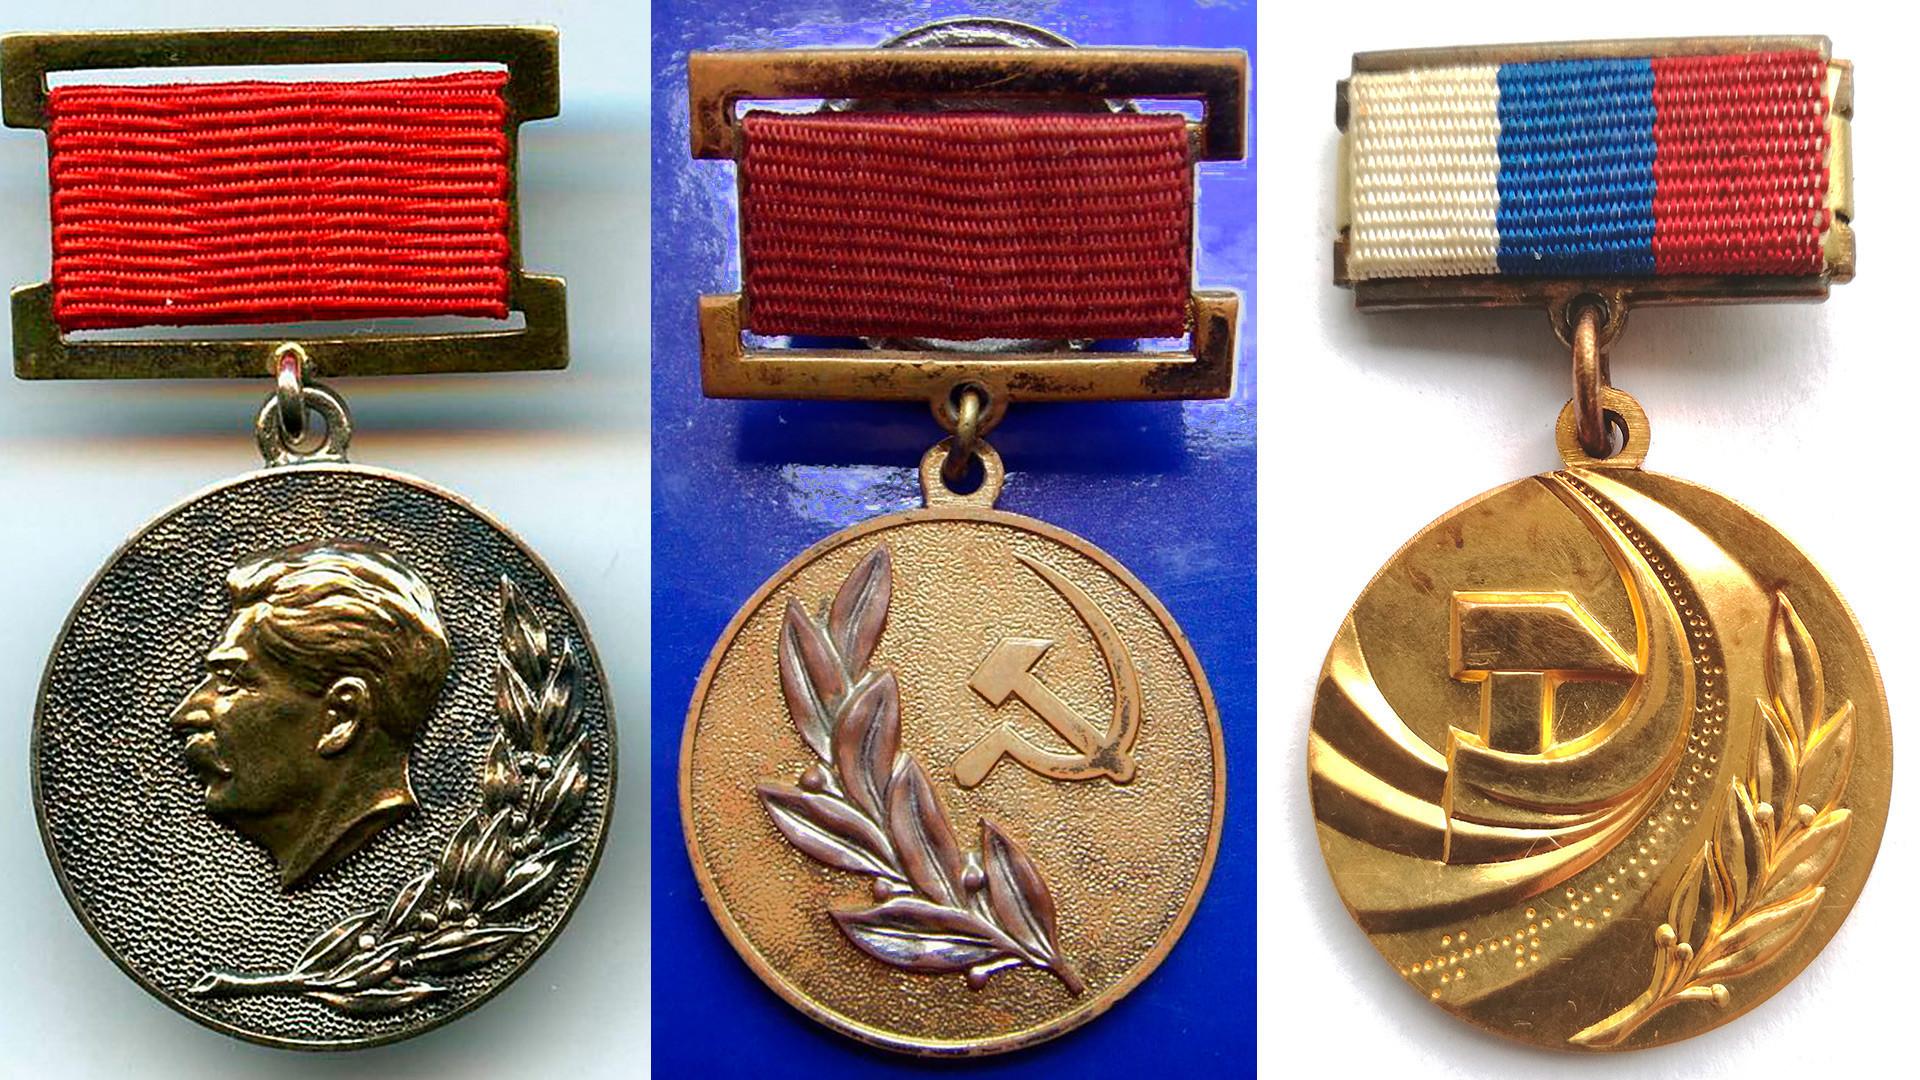 Medalje Državnih nagrad od Sovjetske zveze v času Stalina do sodobne Rusije